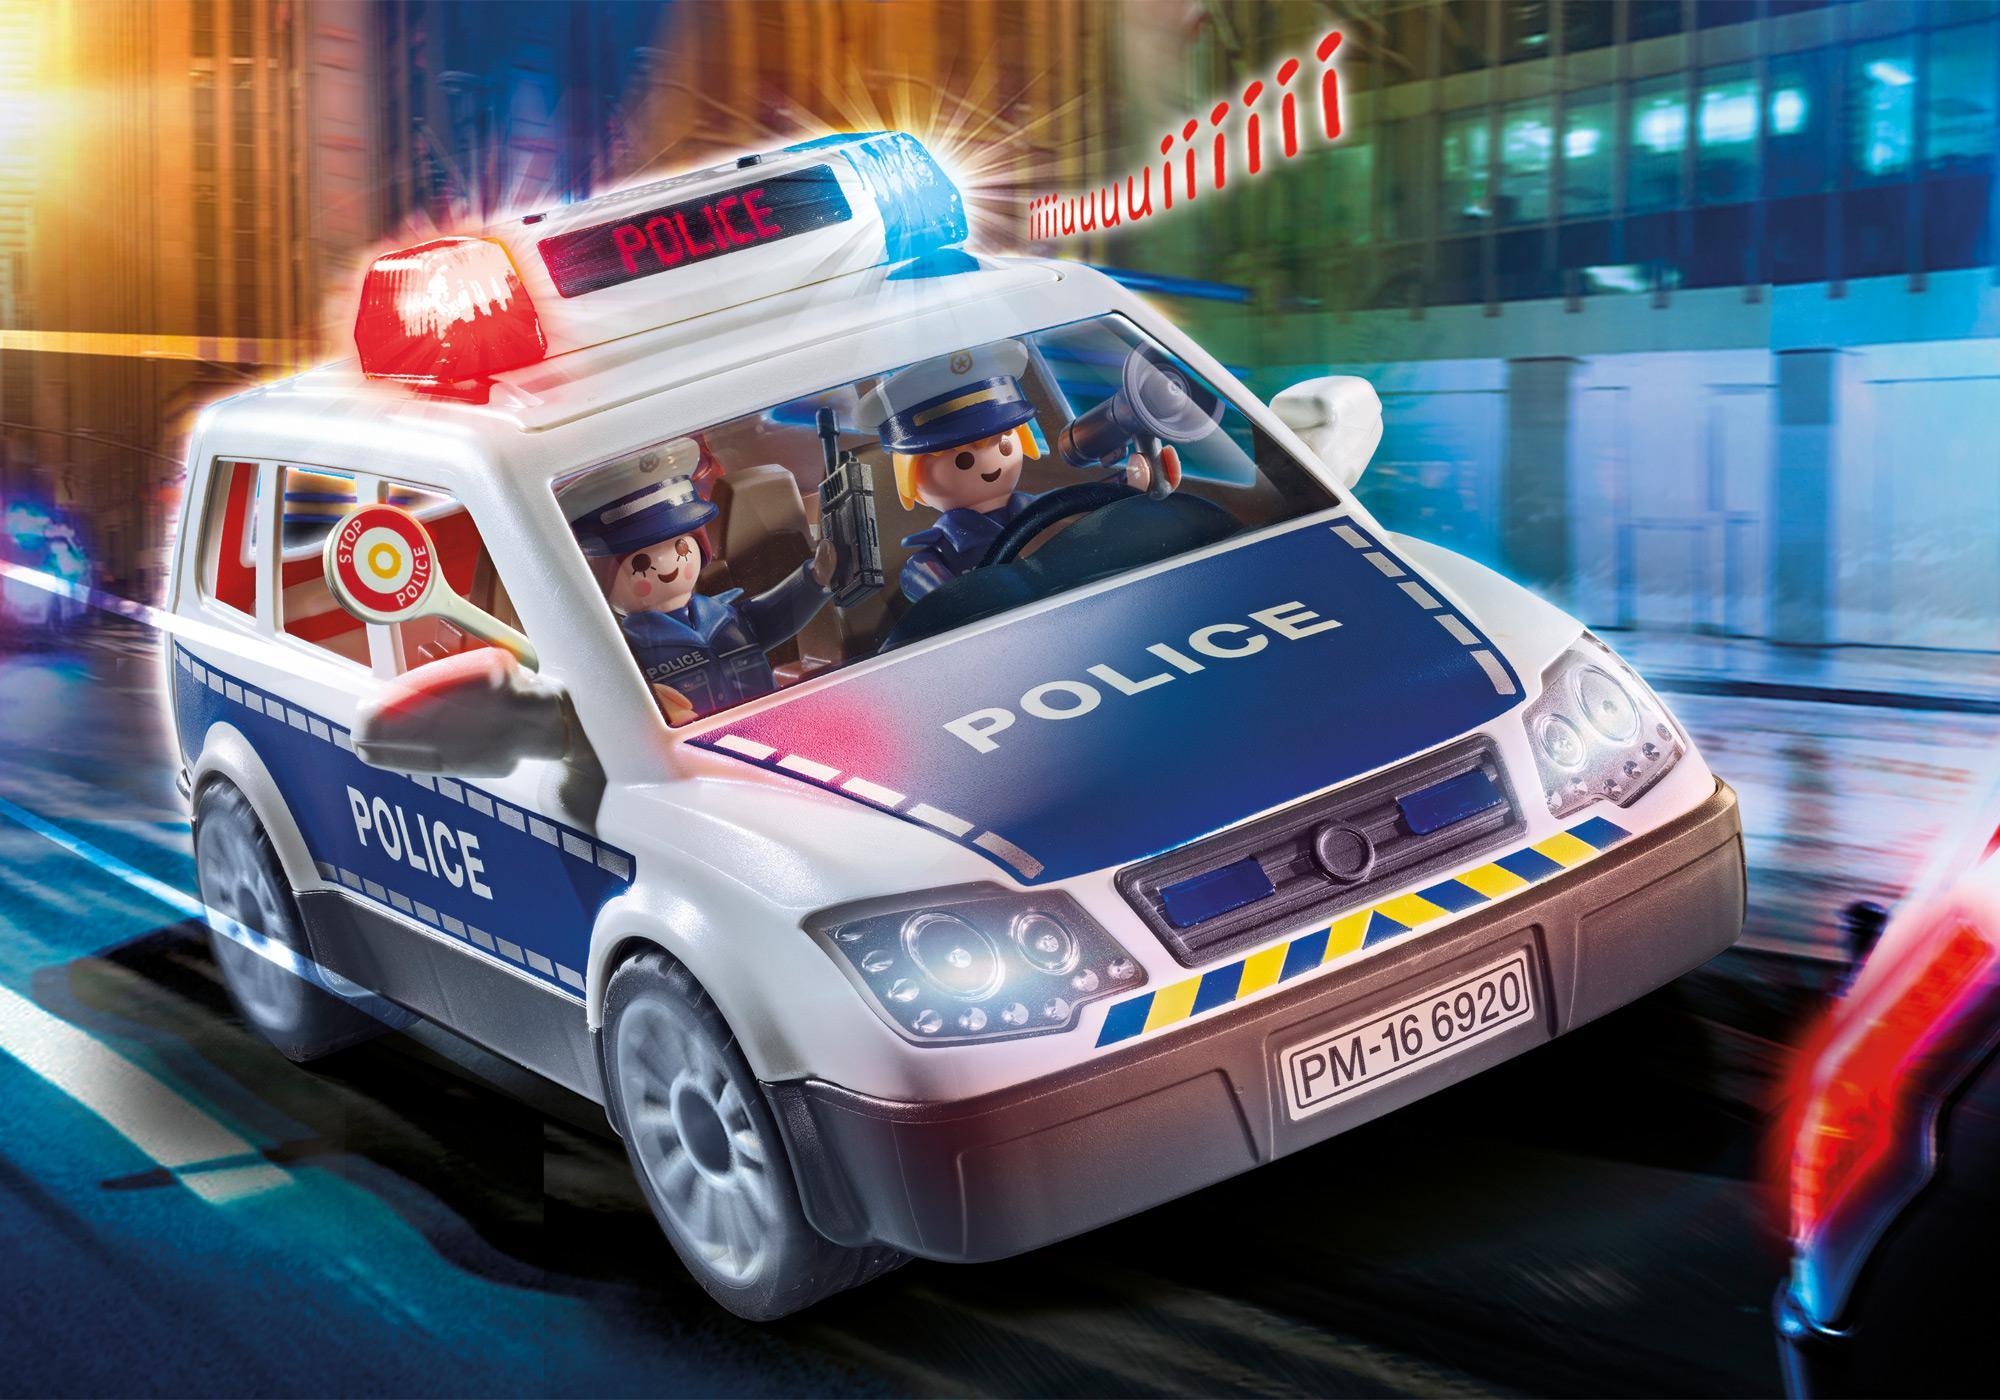 http://media.playmobil.com/i/playmobil/6920_product_detail/Politiepatrouille met licht en geluid